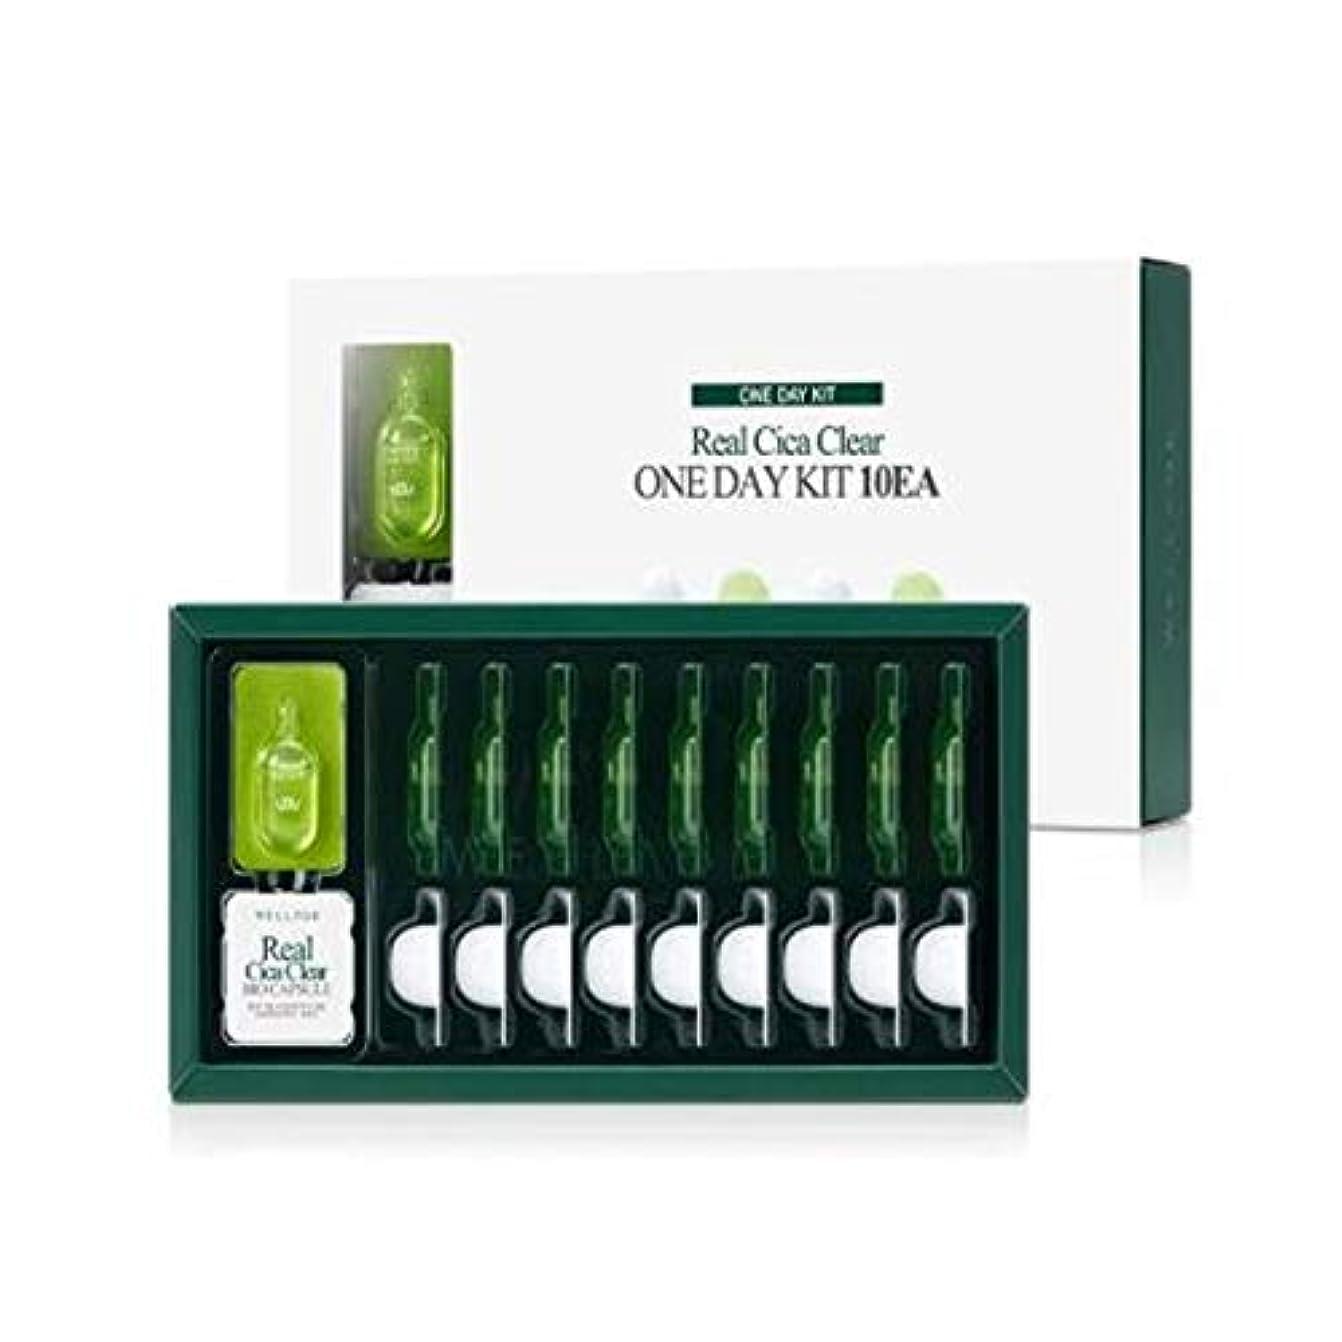 泣き叫ぶ影響マットWELLAGE(ウェラージュ) リアルシカクリアワンデイキット 10EA / Real Cica Clear One Day Kit